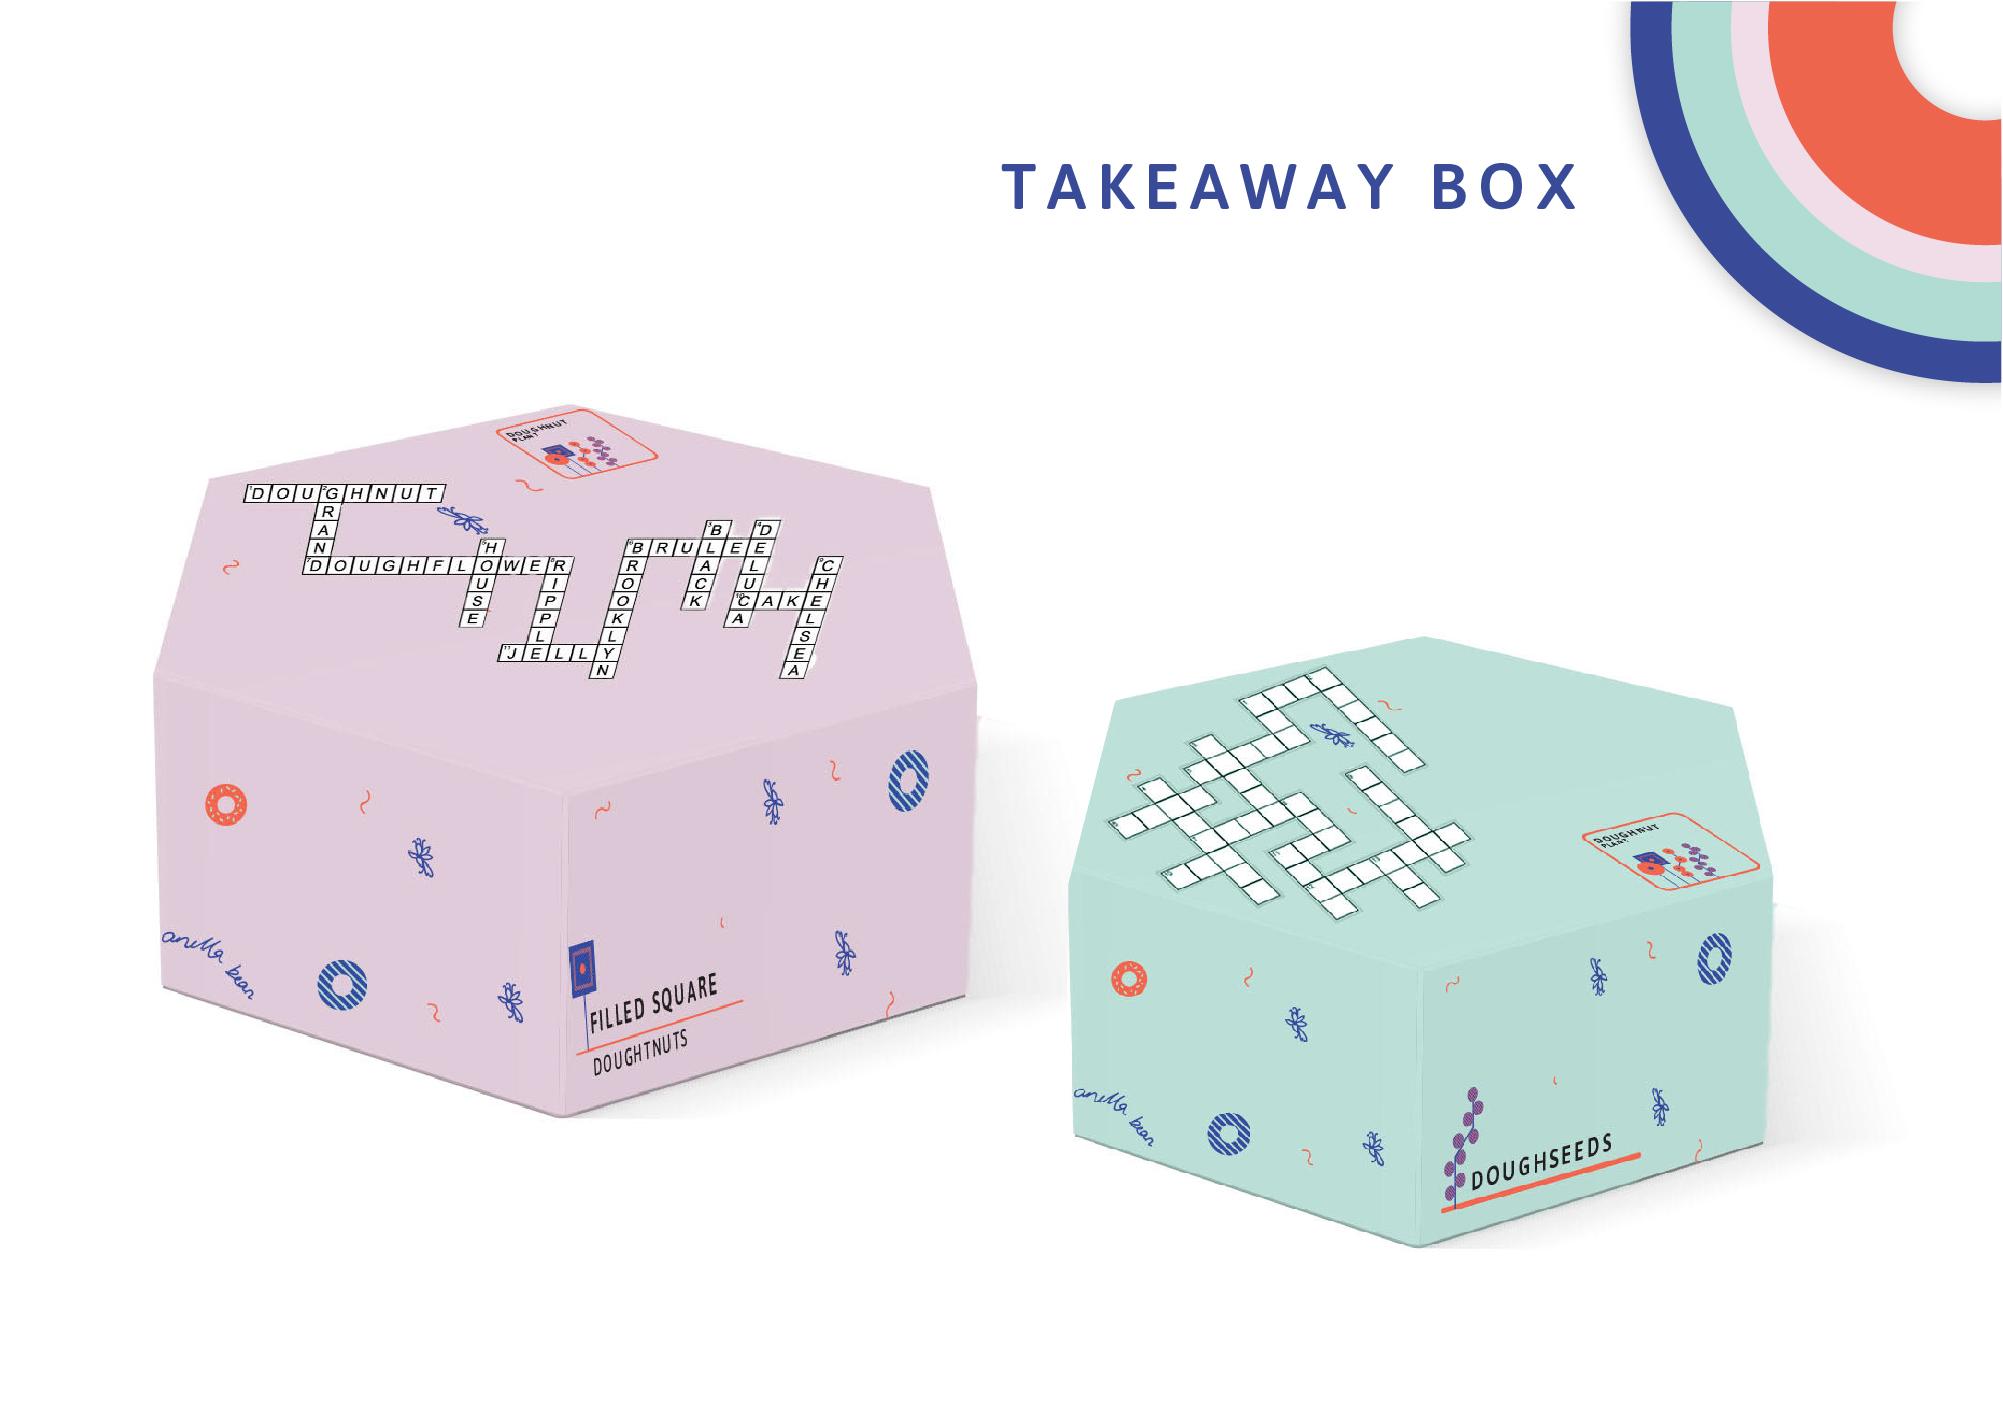 Takeaway Boxes